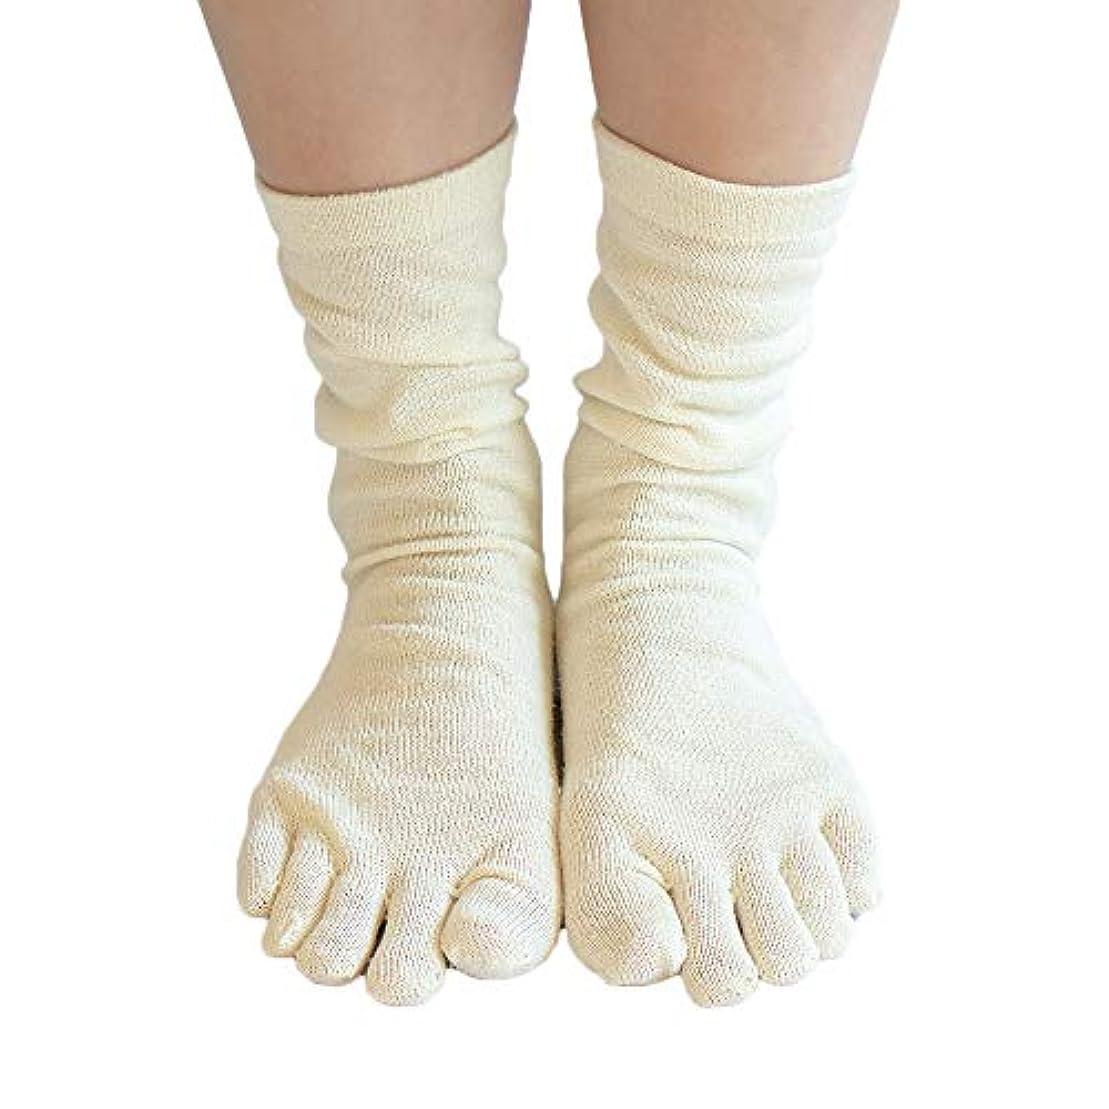 五緊張あざシルク 100% 五本指 ソックス 3足セット かかとあり 上質な絹紡糸と紬糸ブレンドした絹糸を100%使用した薄手靴下 重ね履きのインナーソックスや冷えとりに